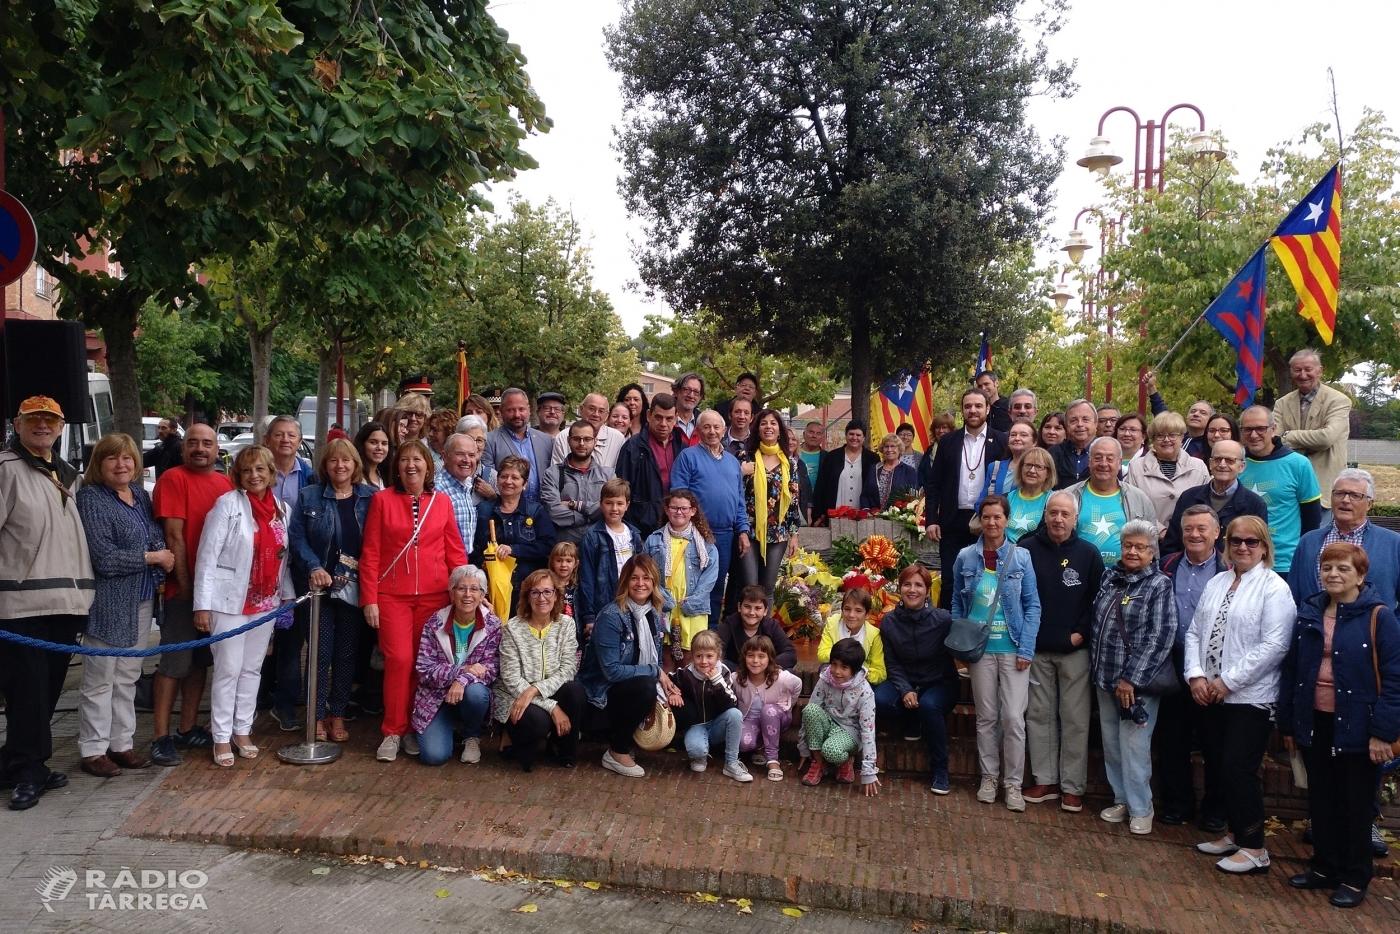 Més d'una vintena d'entitats participen a l'acte institucional de la Diada a Tàrrega, amb consignes majoritàries en favor d'un estat lliure